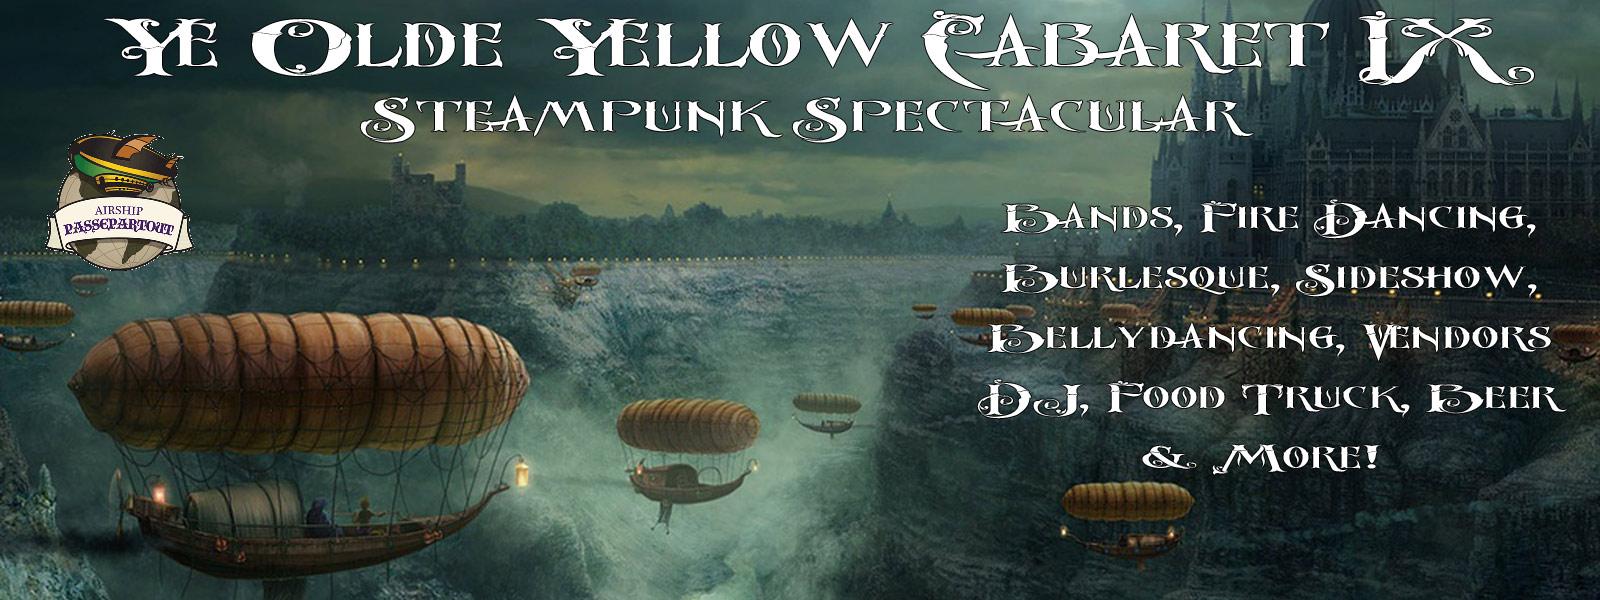 Yellow Cabaret IX